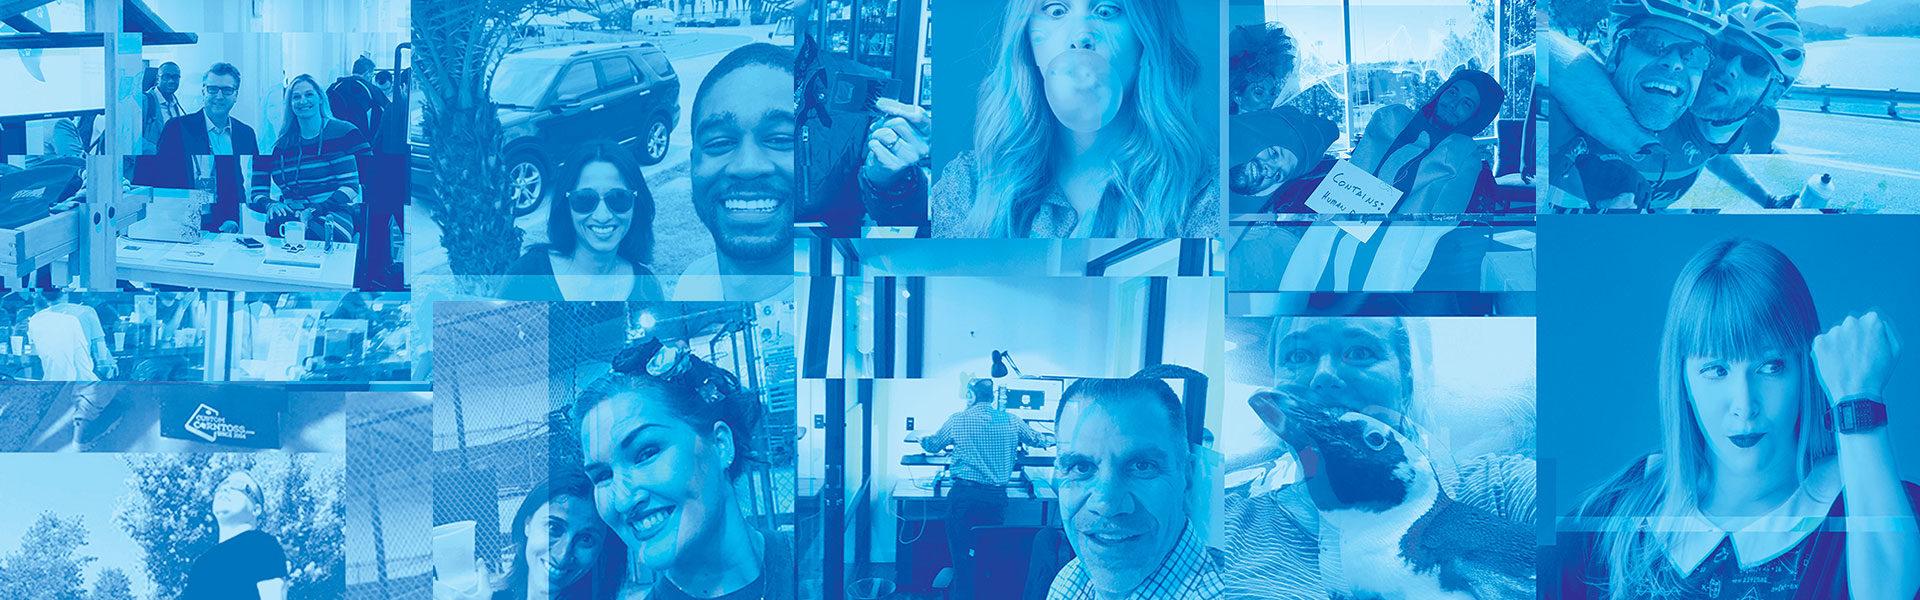 blast teammate collage